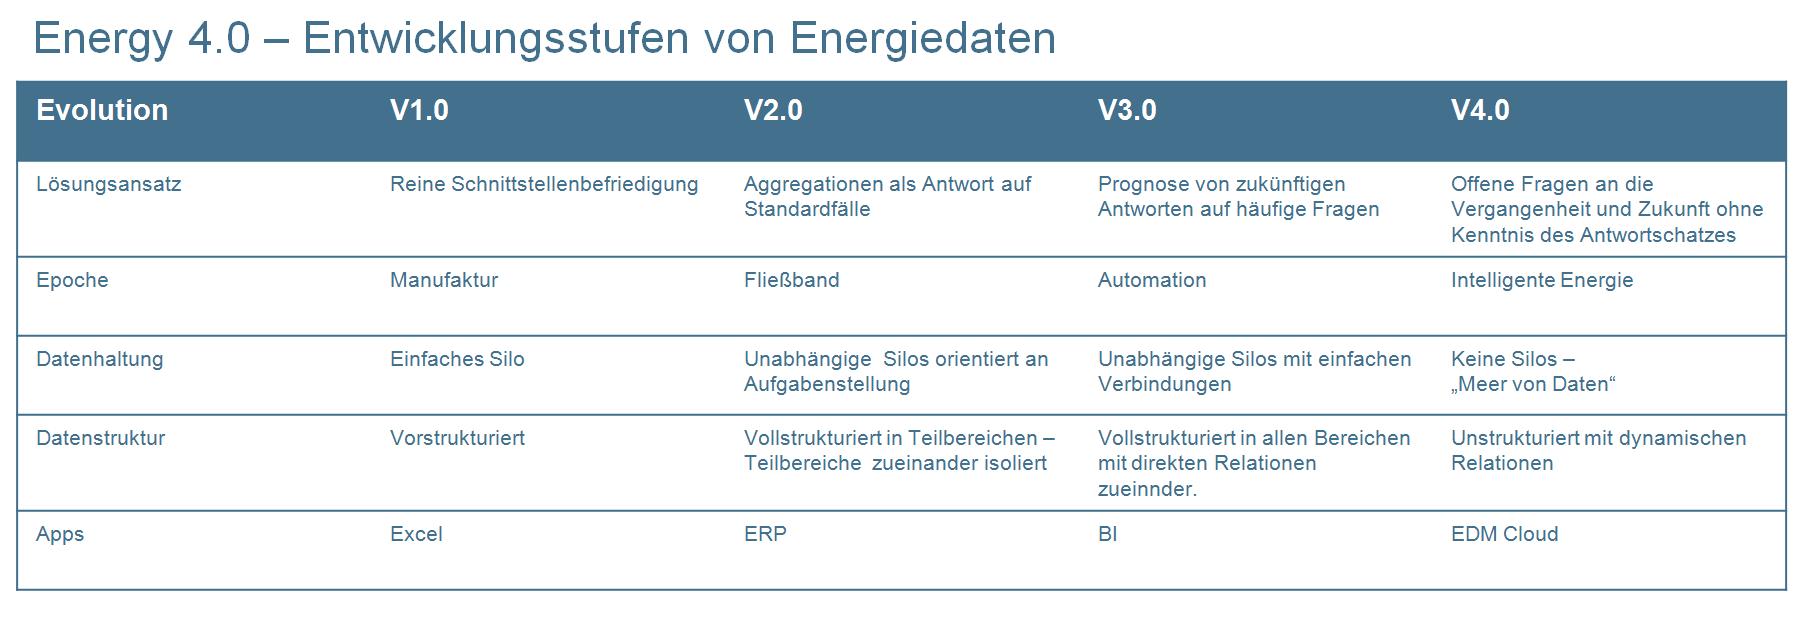 Evolution des EDM zum Energie 4.0